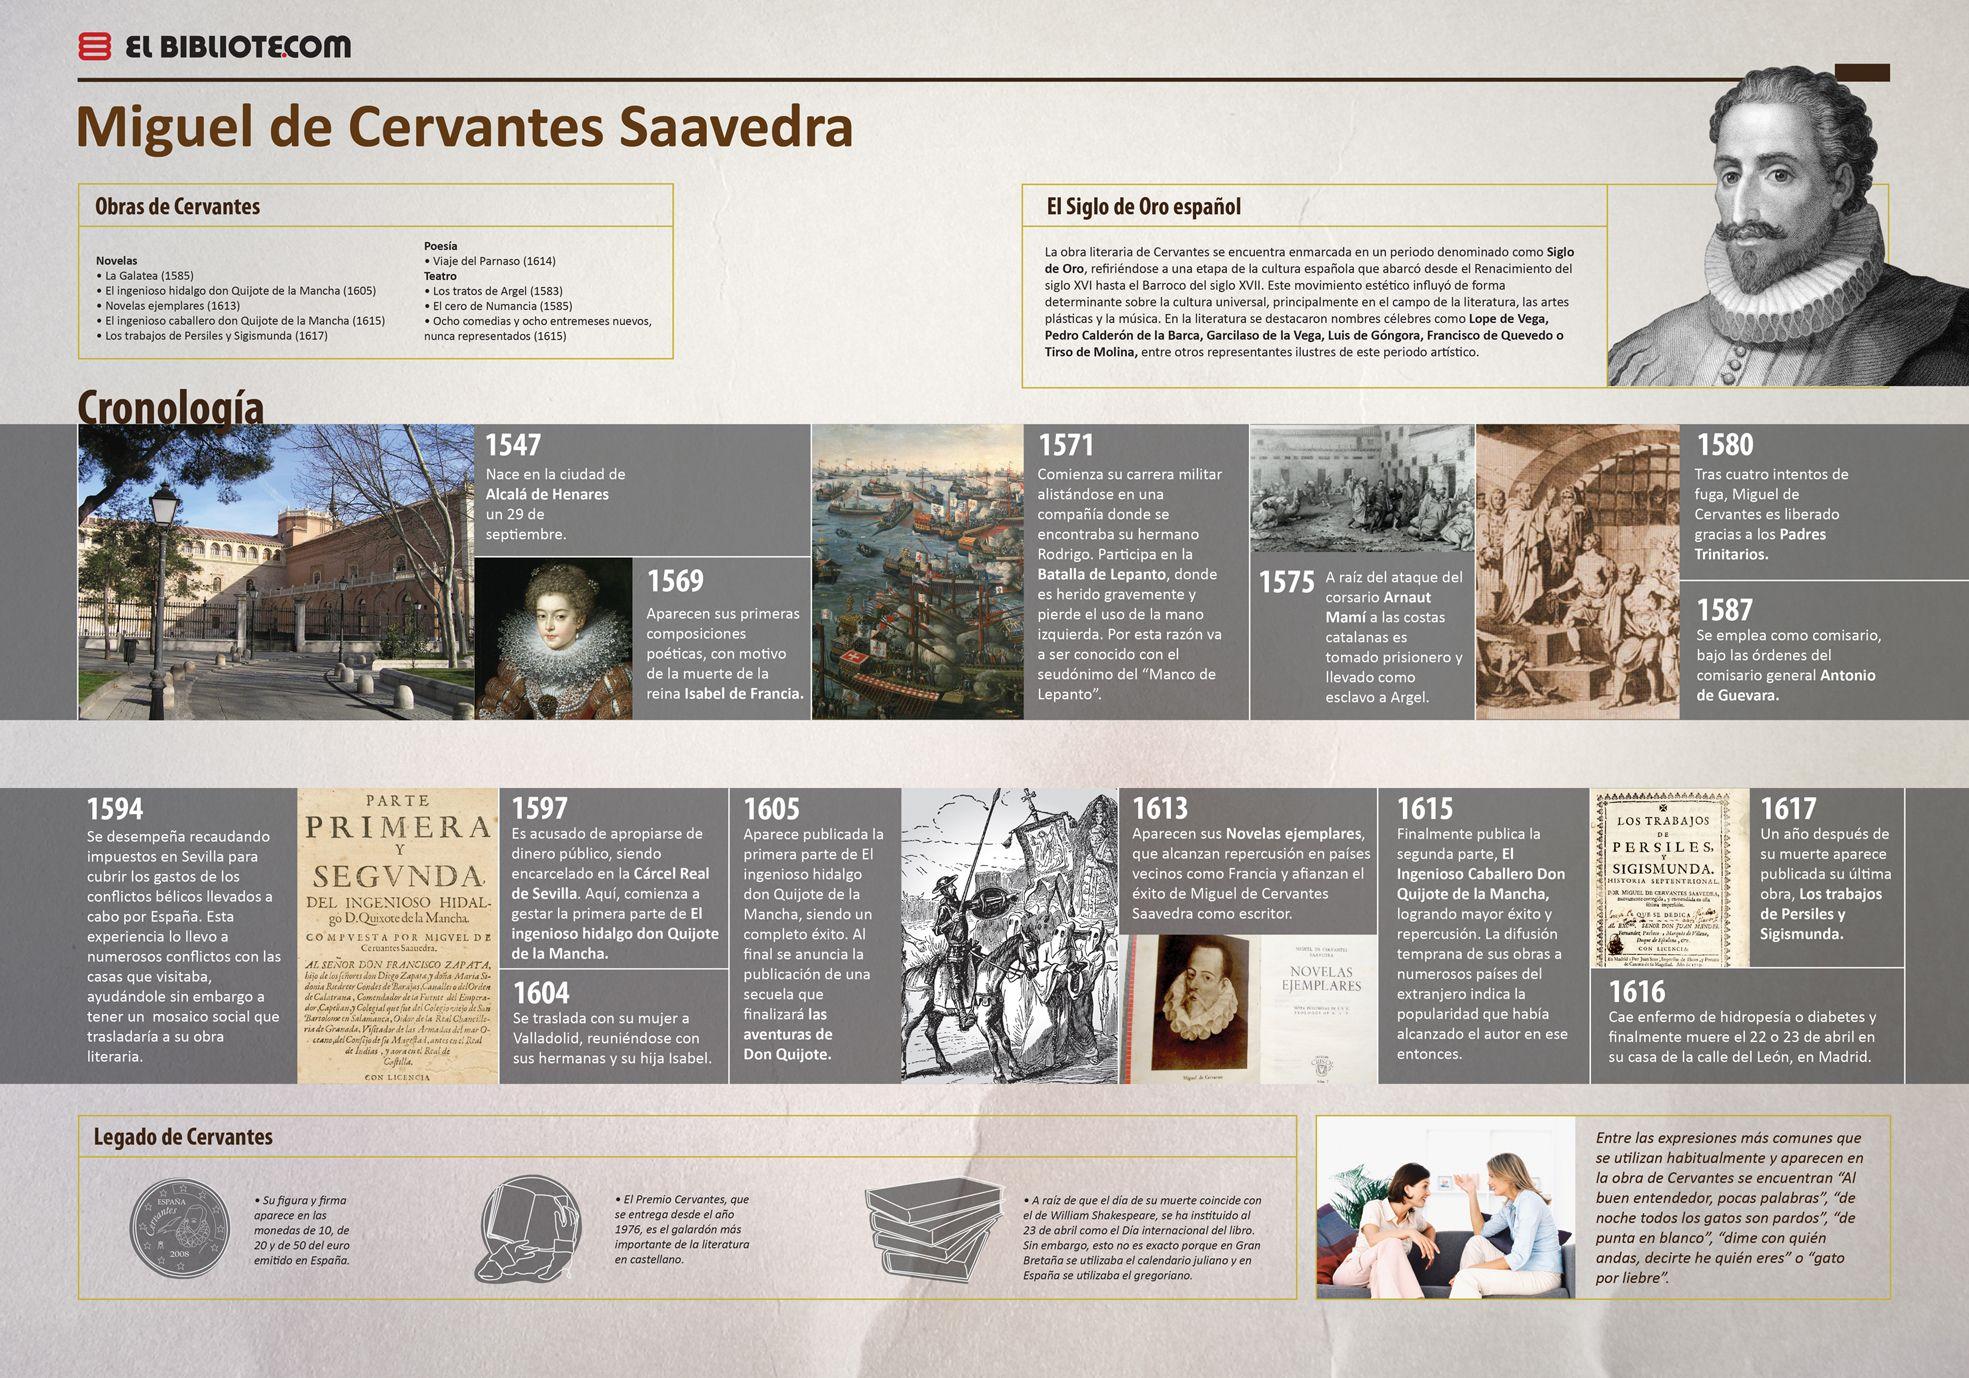 Miguel De Cervantes Saavedra Cronologia De Una Obra Enmarcada